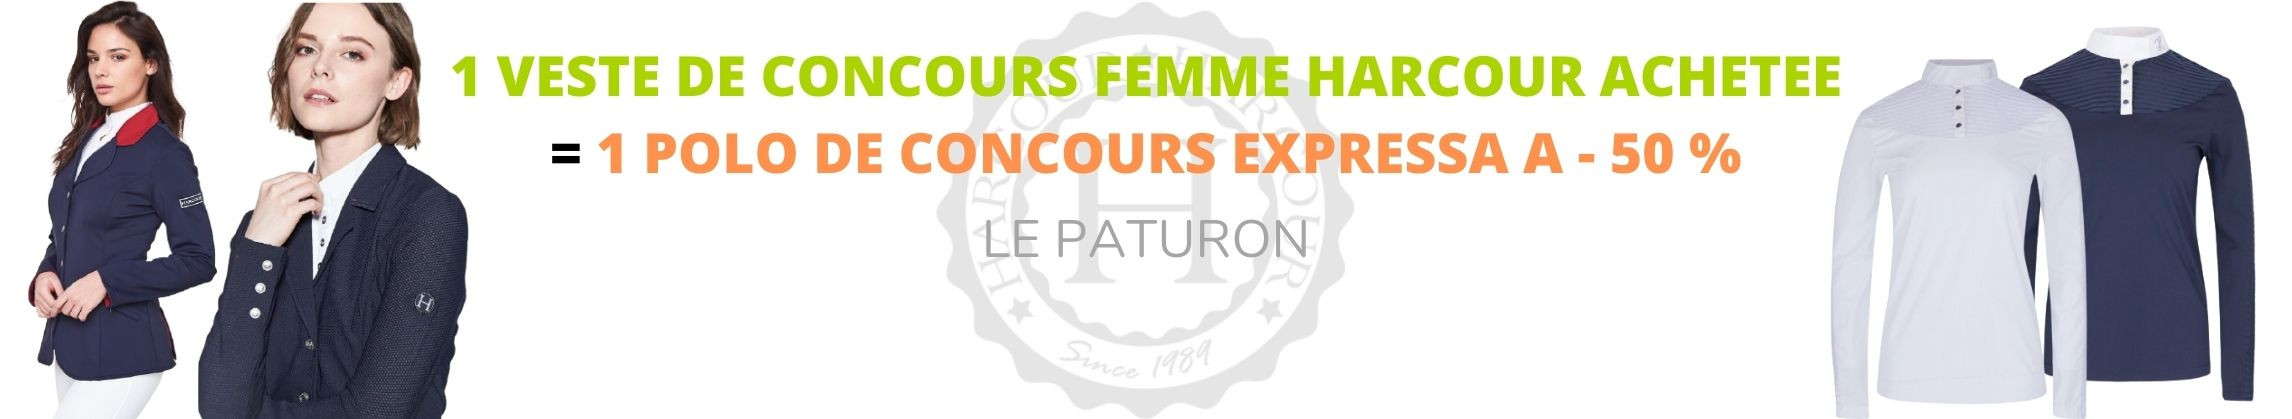 Harcour Promo - Le Paturon